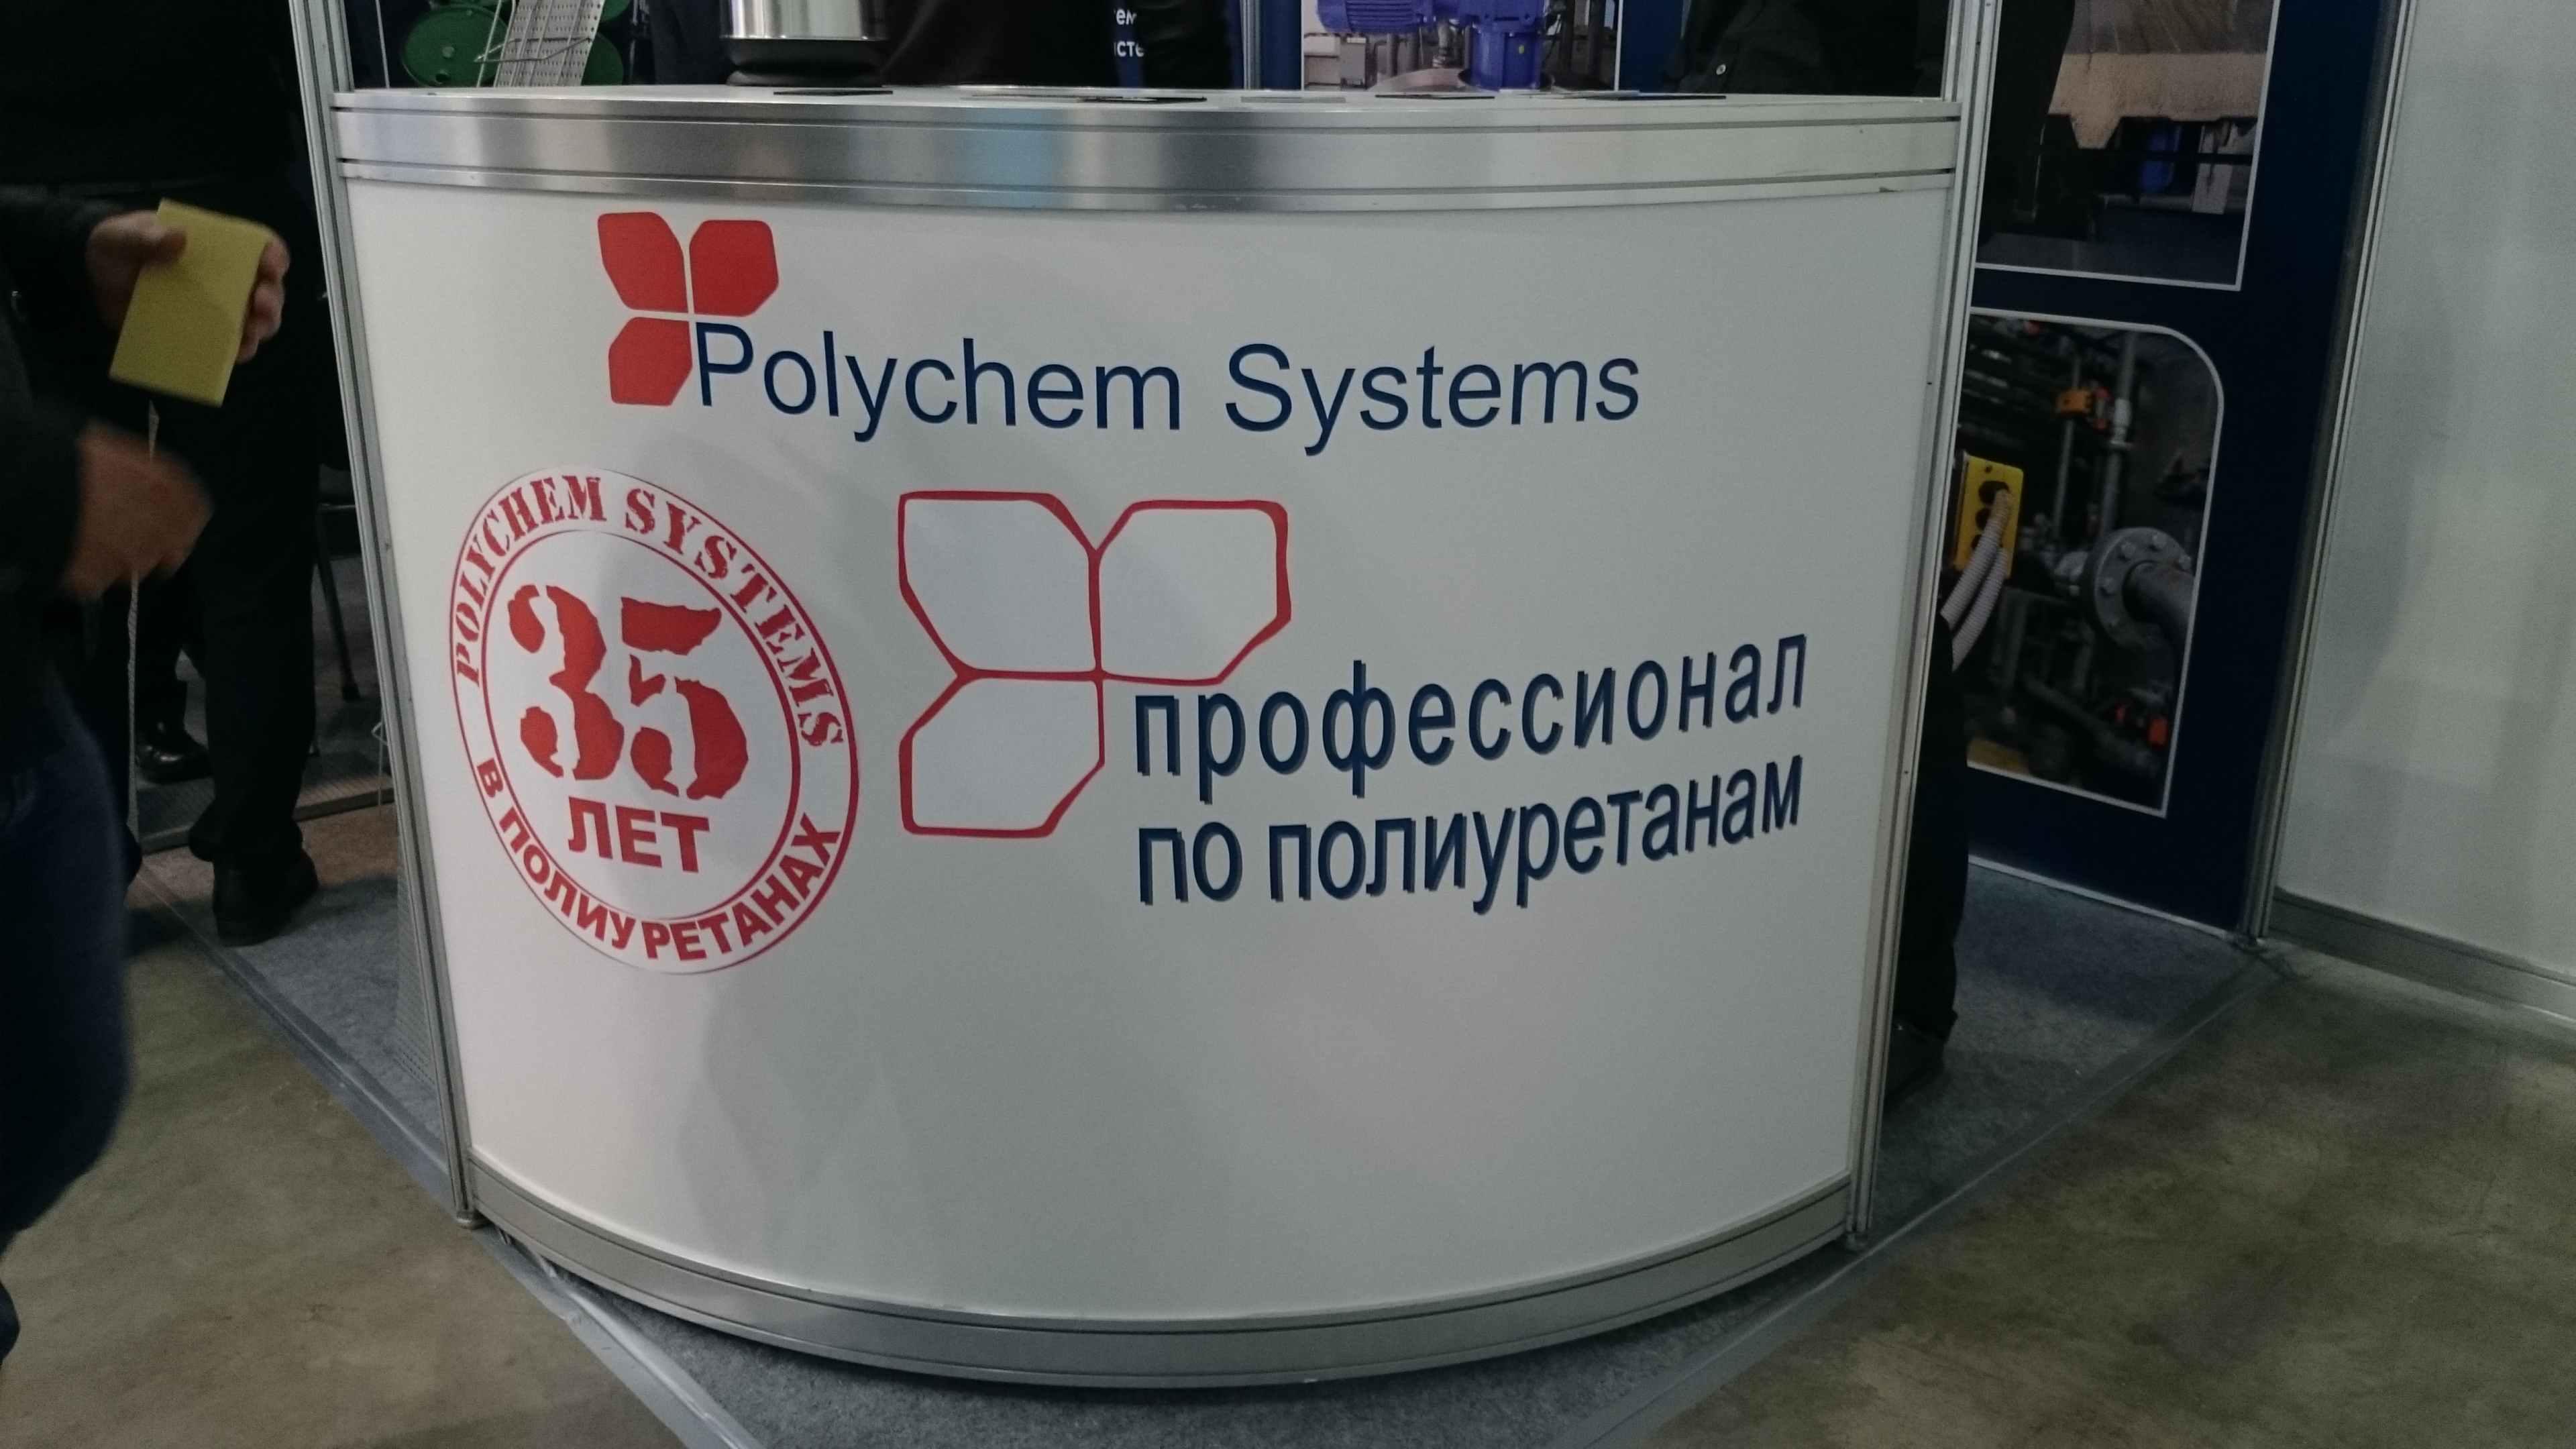 Компания Polychem Systems профессионал по полиуретанам